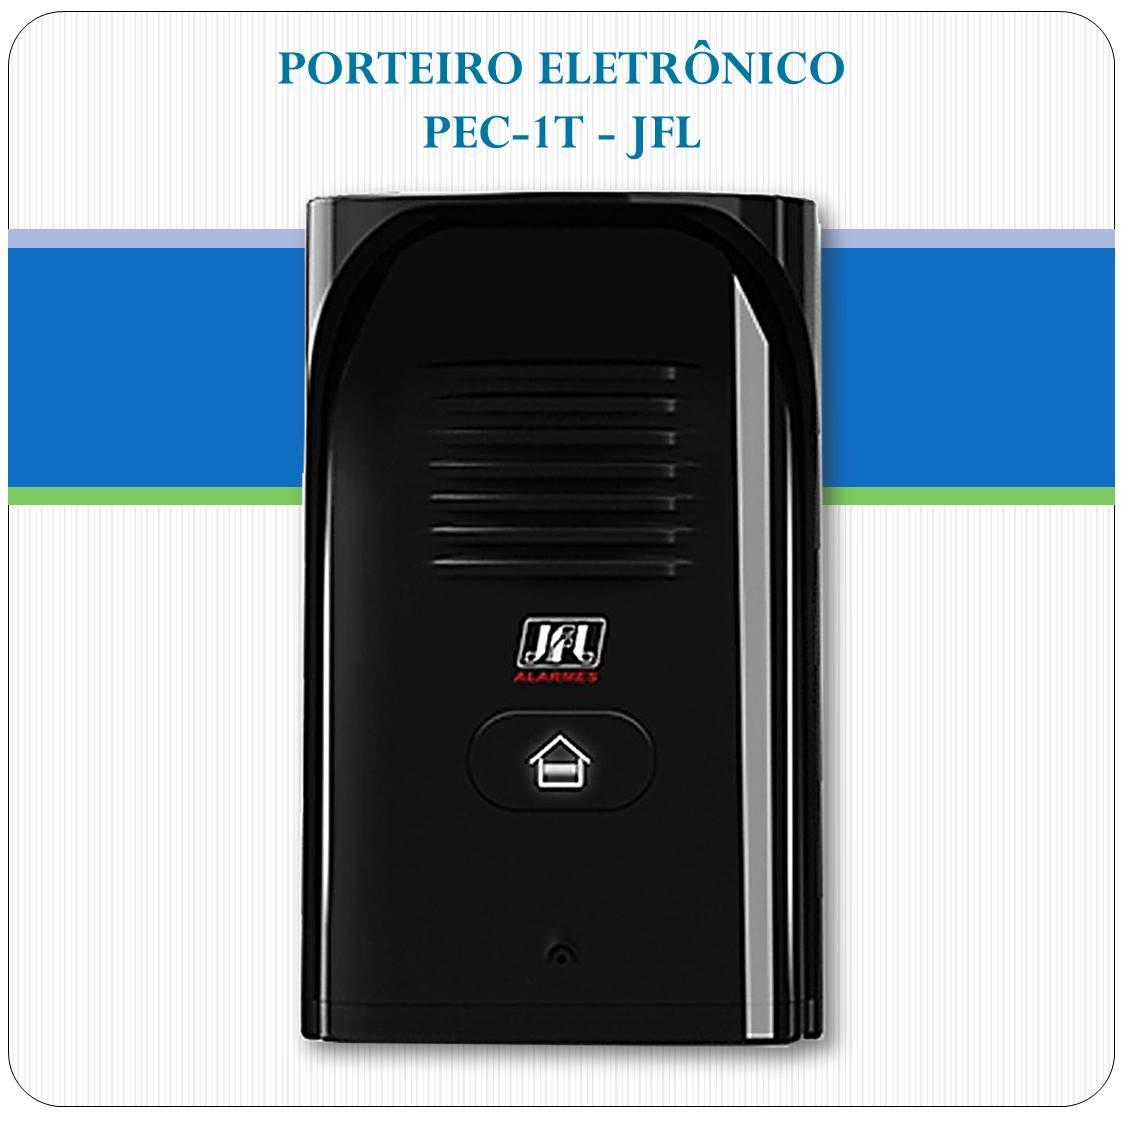 Porteiro Eletrônico PEC-1T - JFL